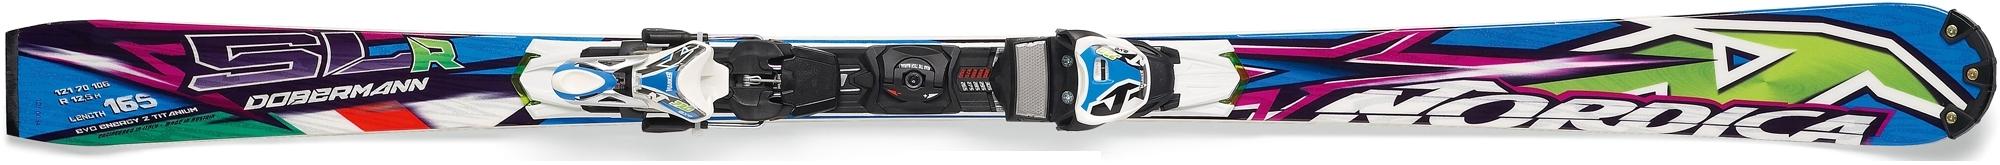 Nordica Dobermann SLR. Кликнуть для увеличения